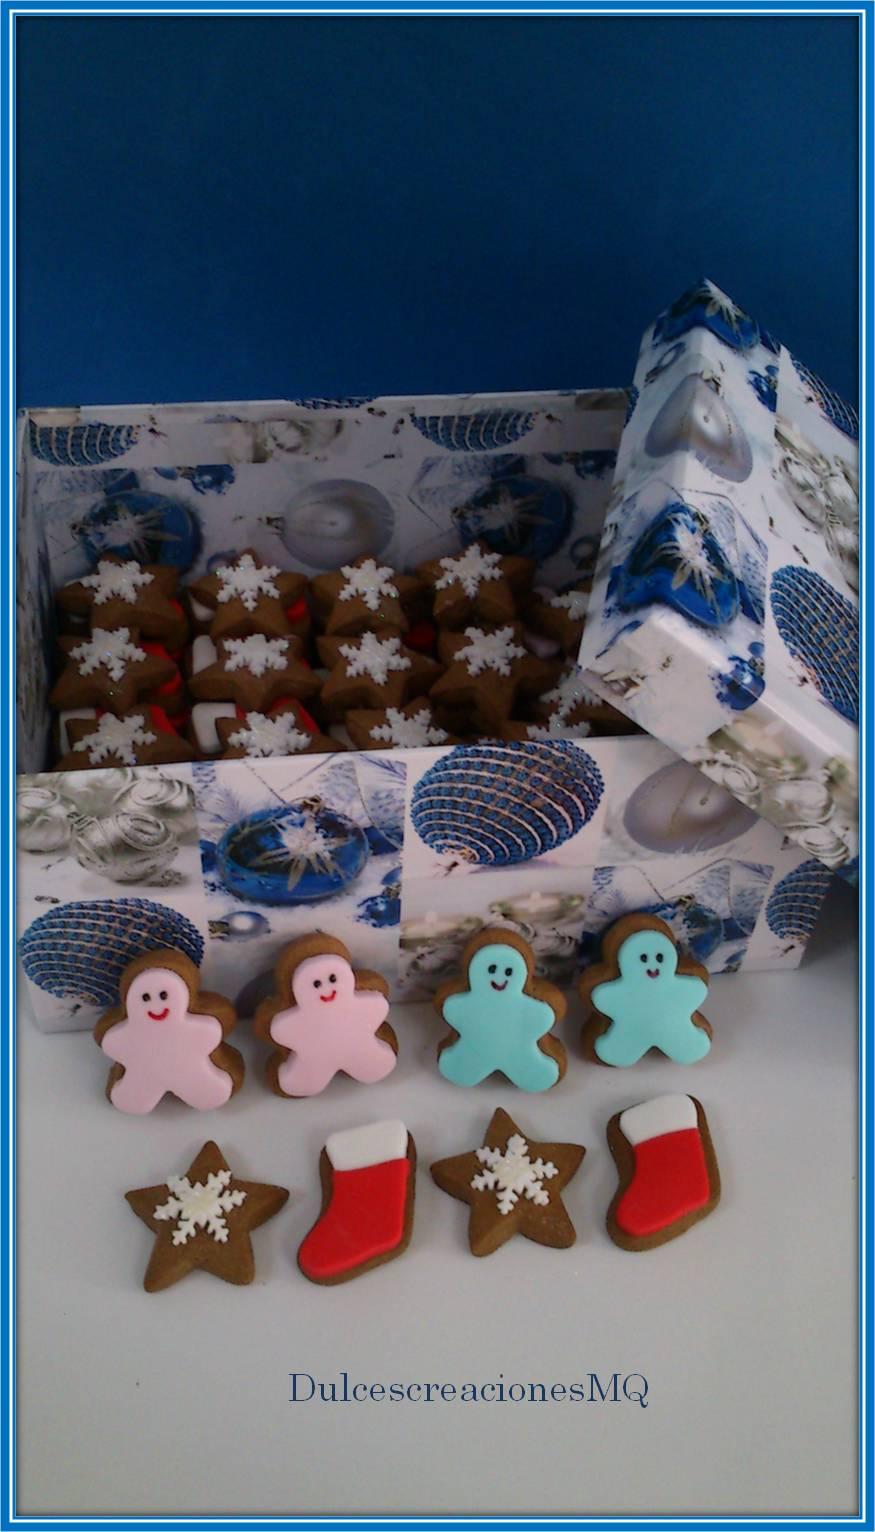 galletas de chocolate dulce navidad estrellas galletas fondant